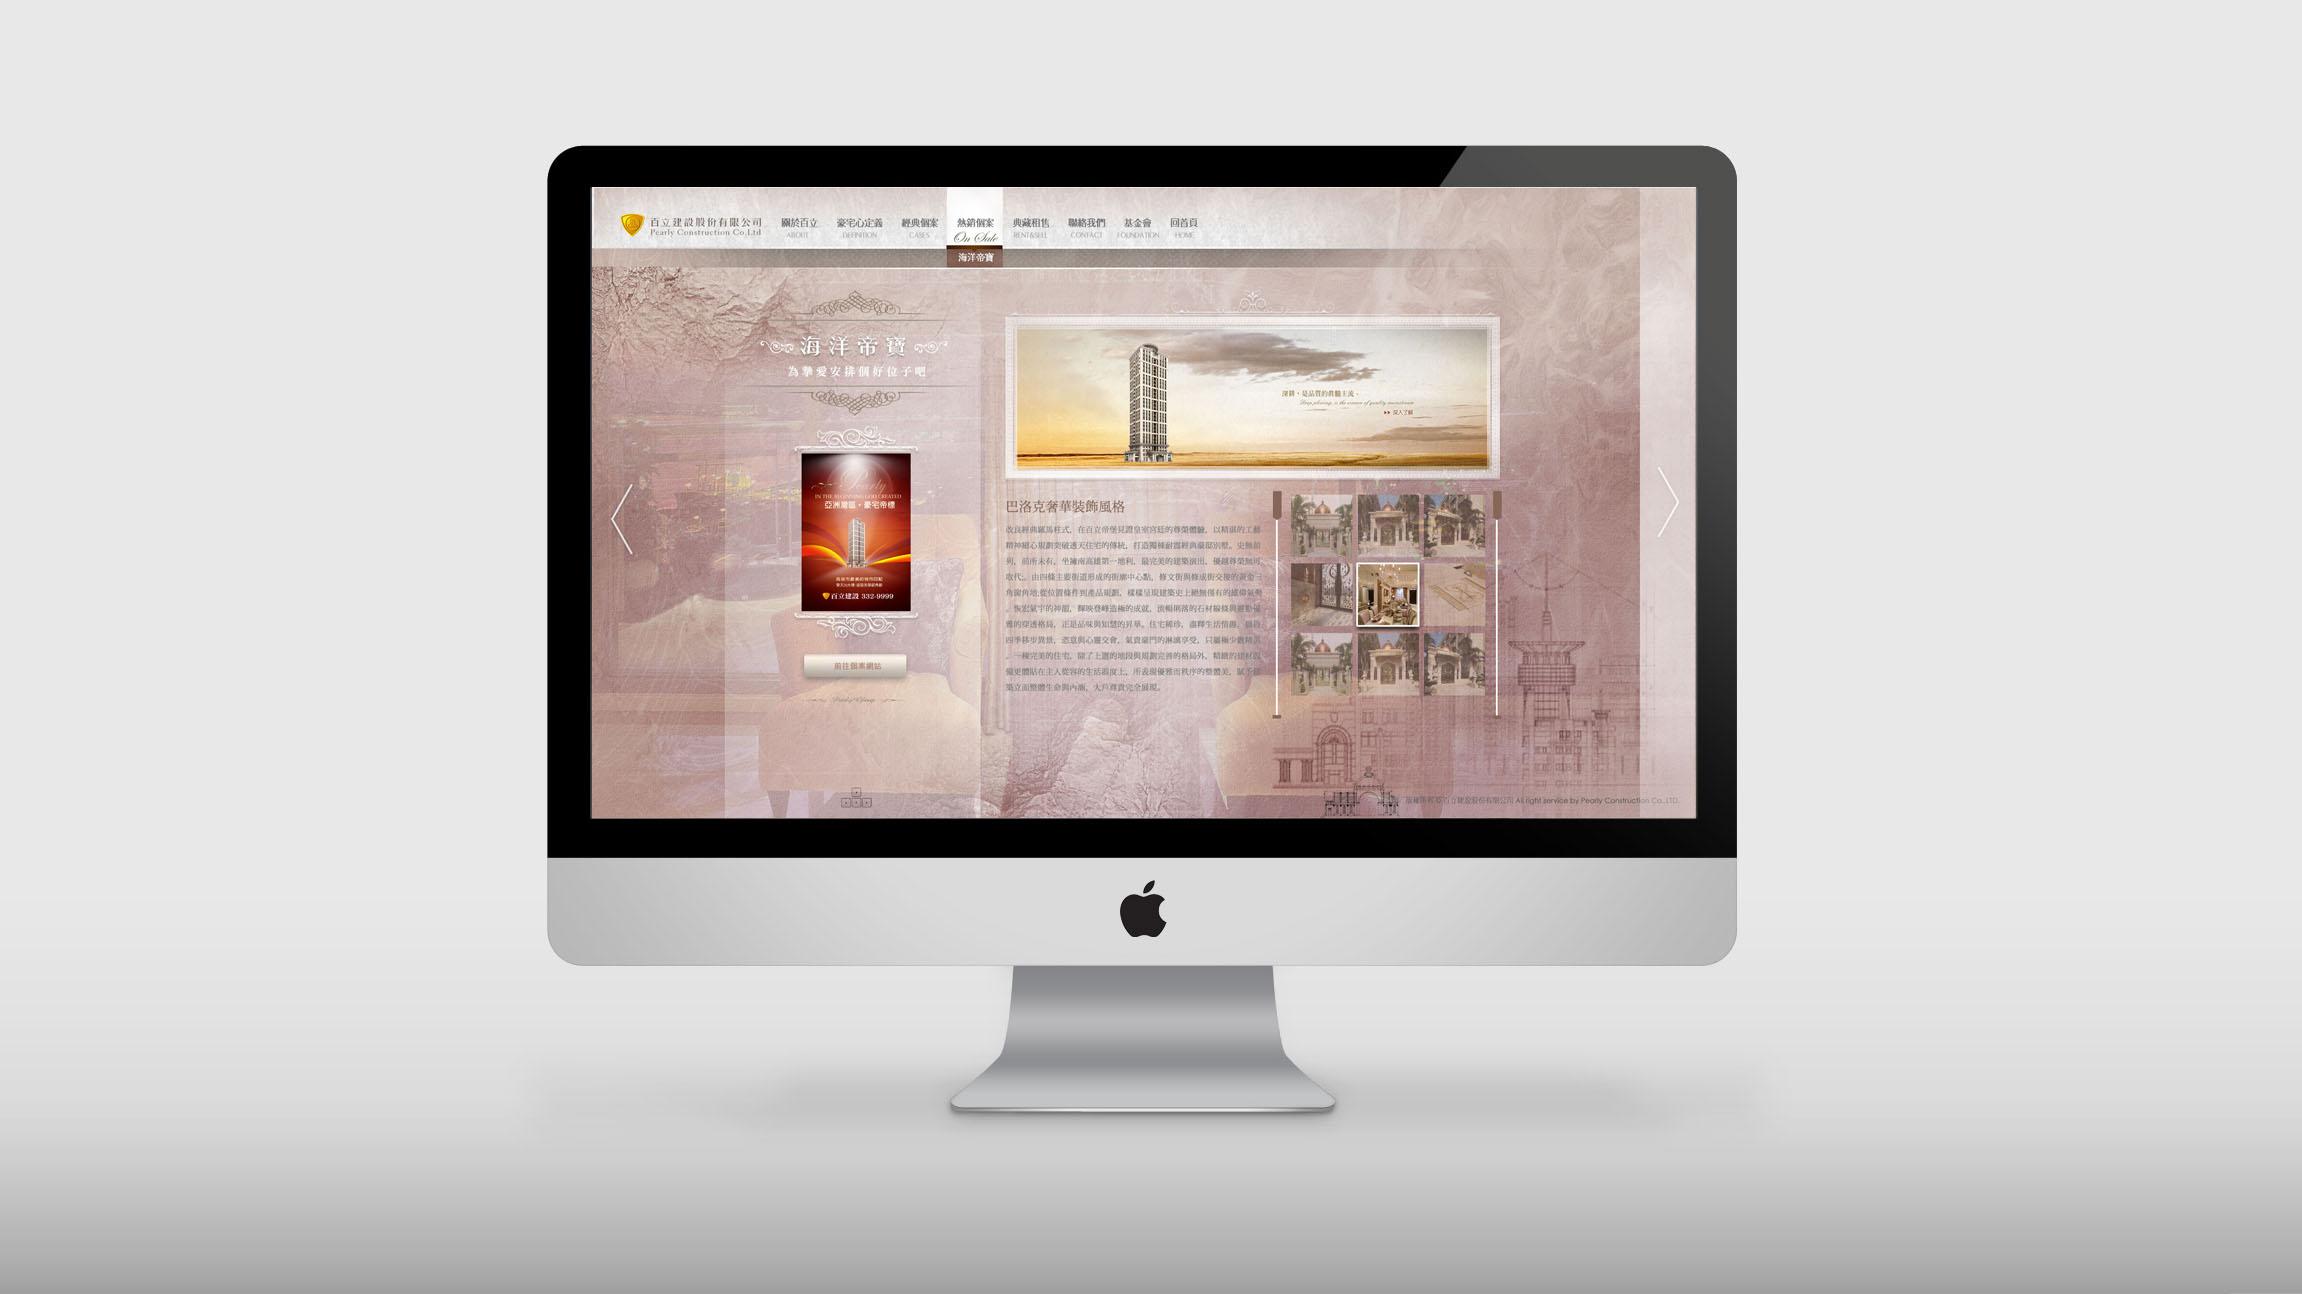 0114 百立建設官網建構 網站版型精稿提案 5 熱銷個案 iMac